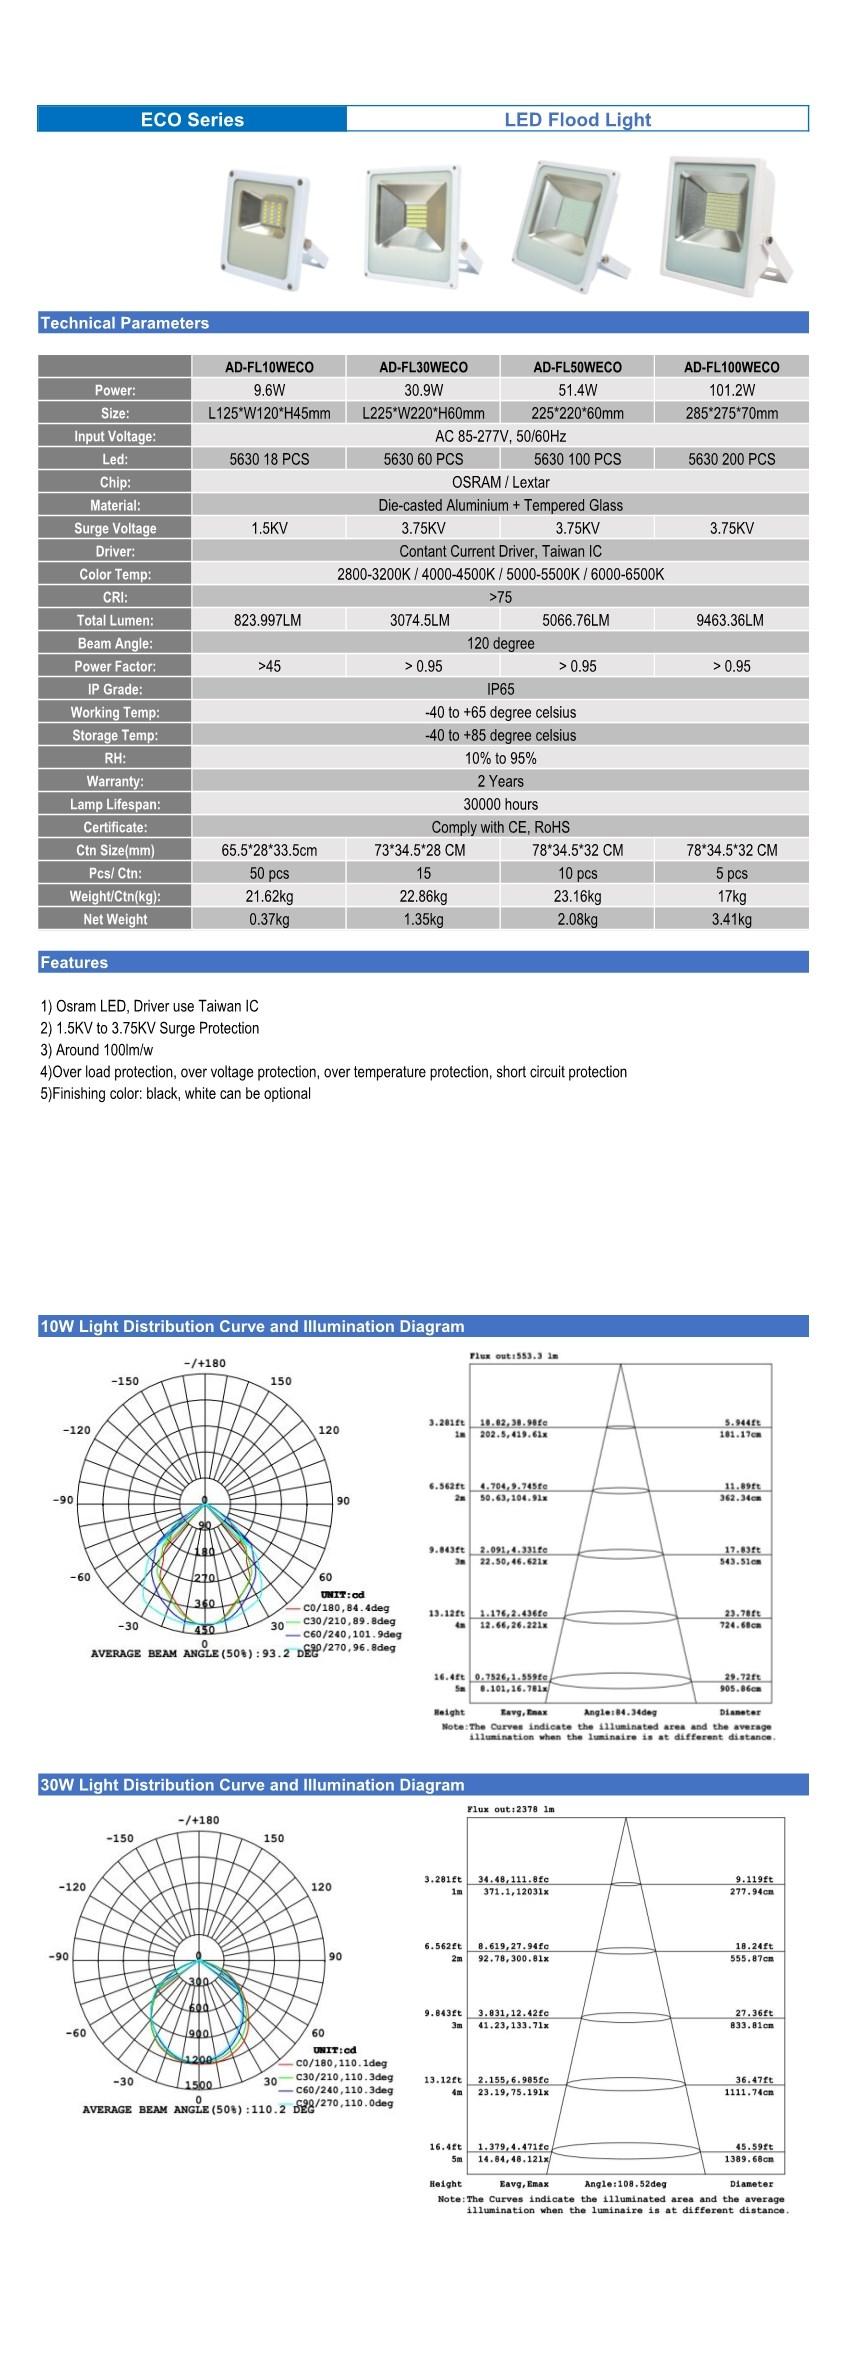 LED Flood Light 100W Data Sheet